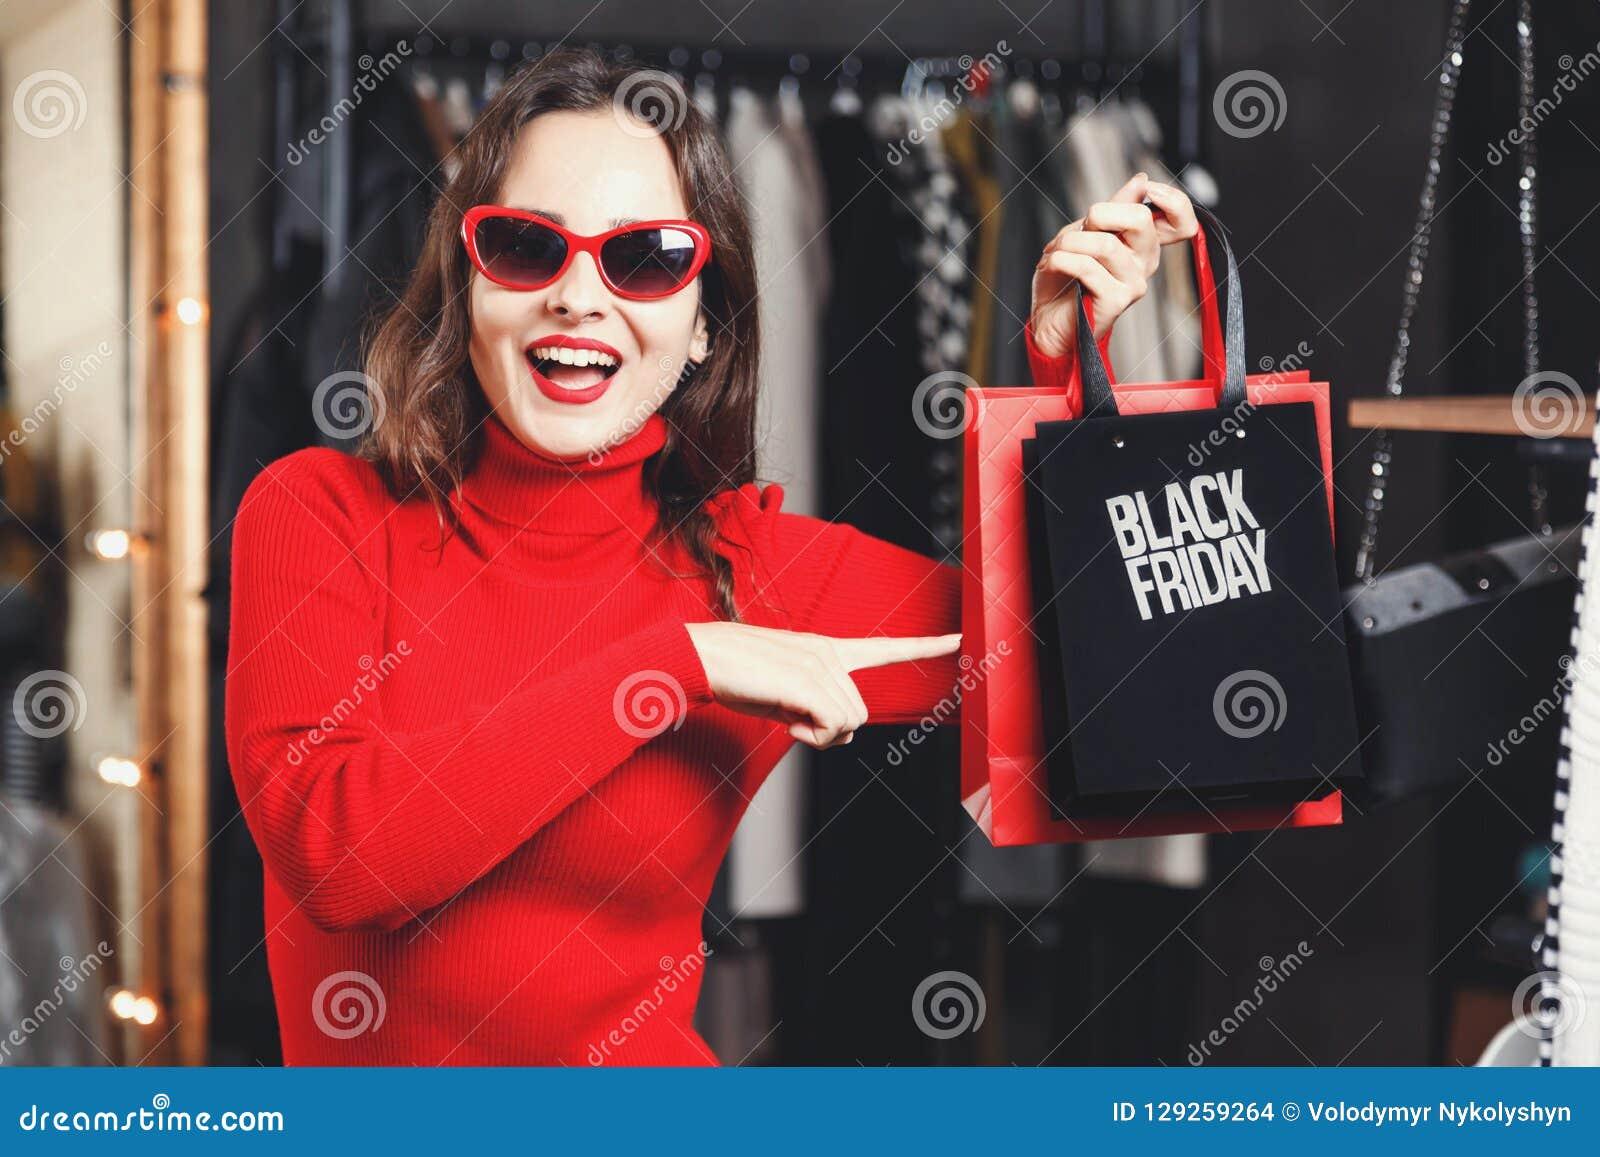 Überraschtes Mädchen, das Black Friday-Tasche zeigt